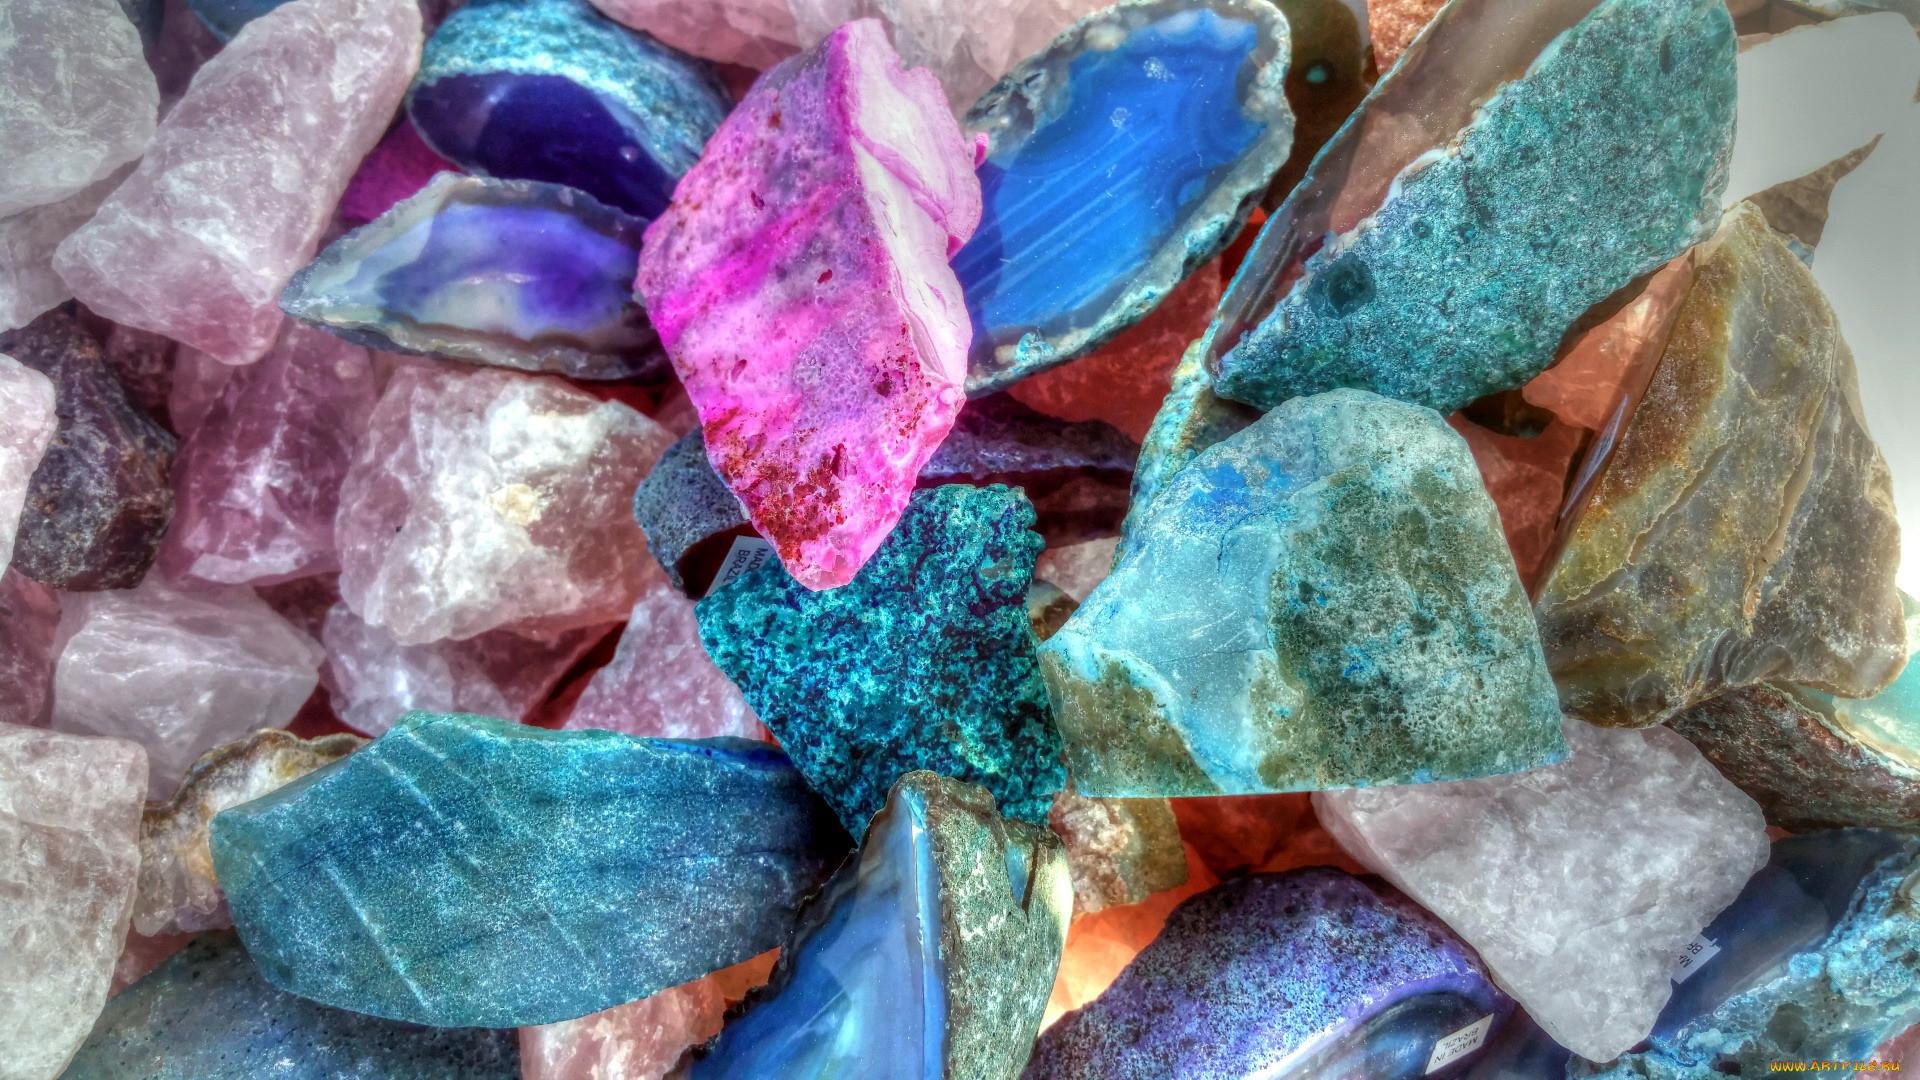 Картинки камней полезных ископаемых